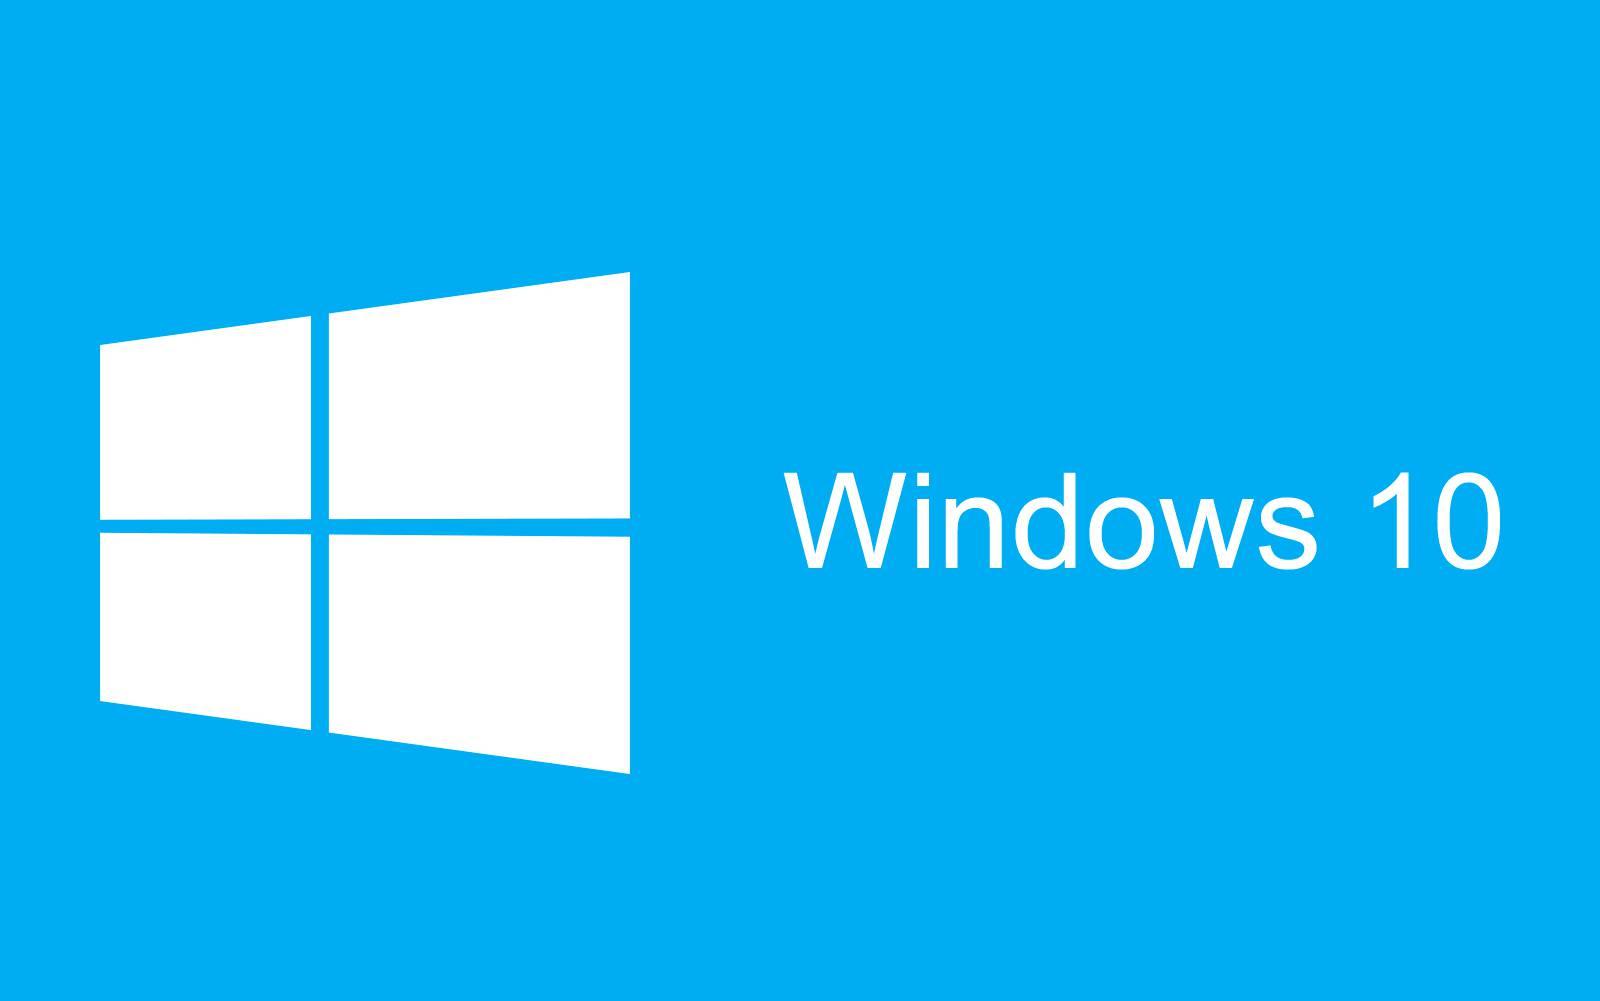 Windows 10 eliminat